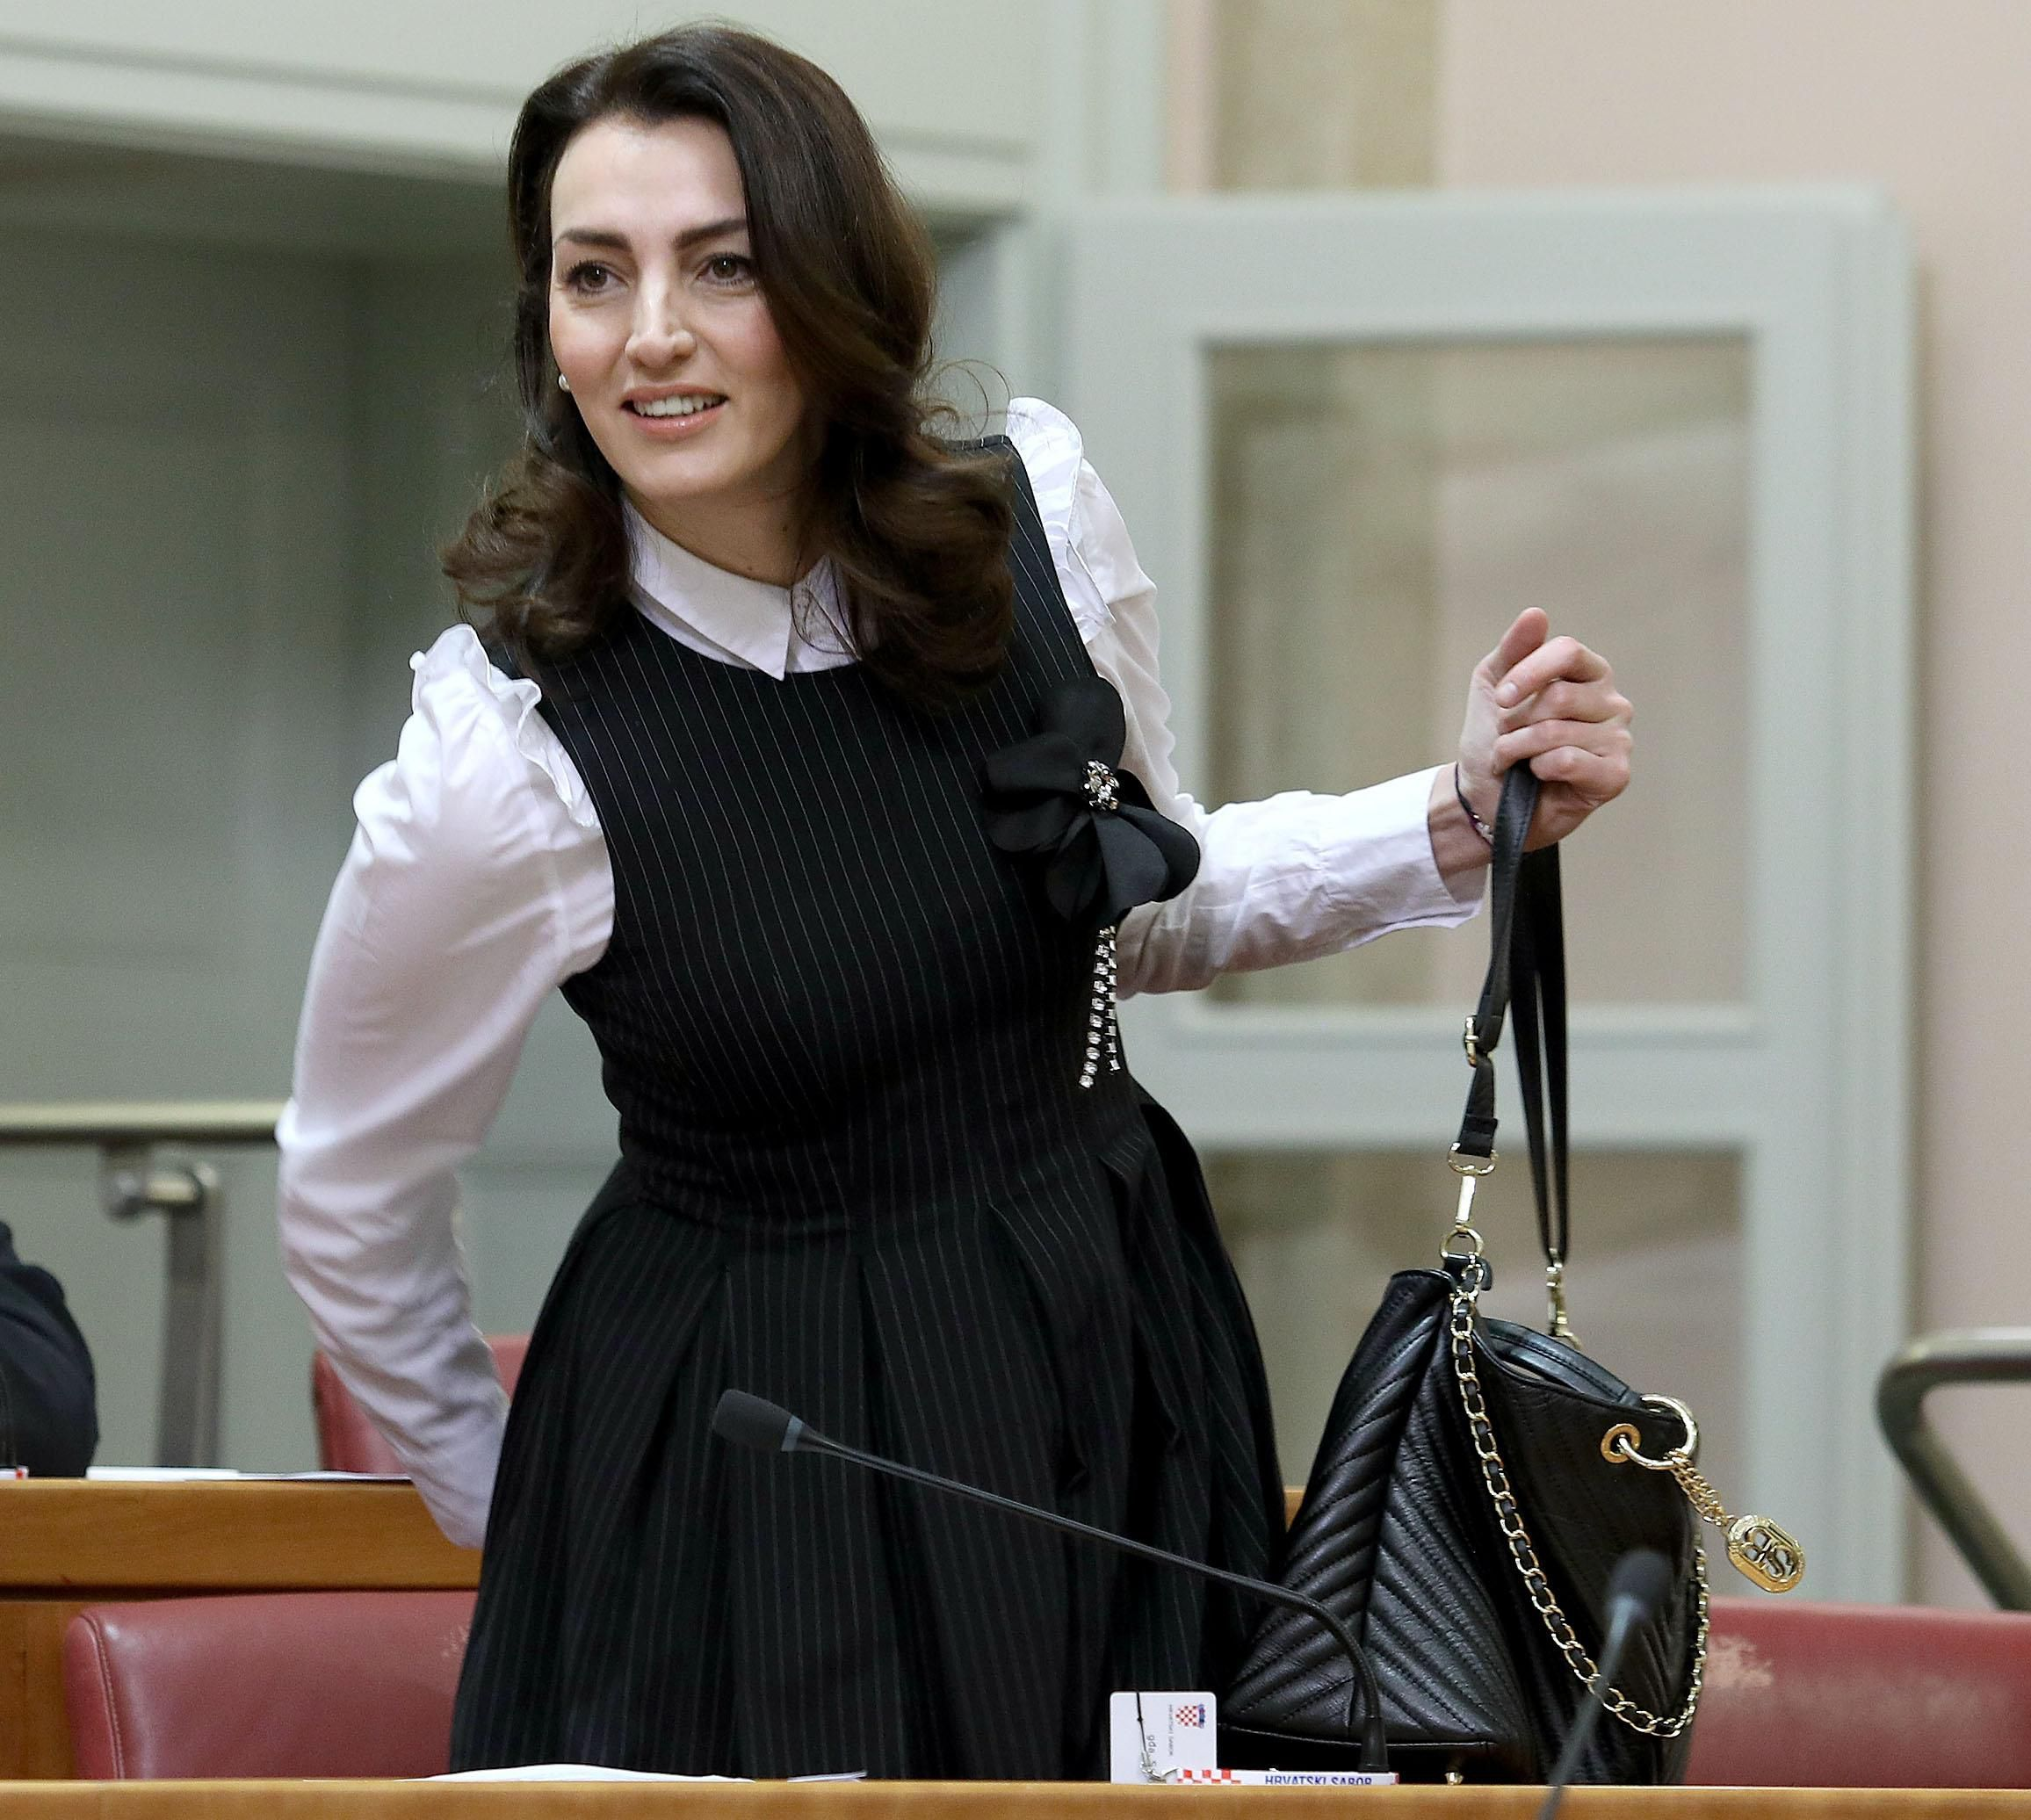 Saborska modna pista: Pogledajte promjenu u stilu odijevanja zastupnica